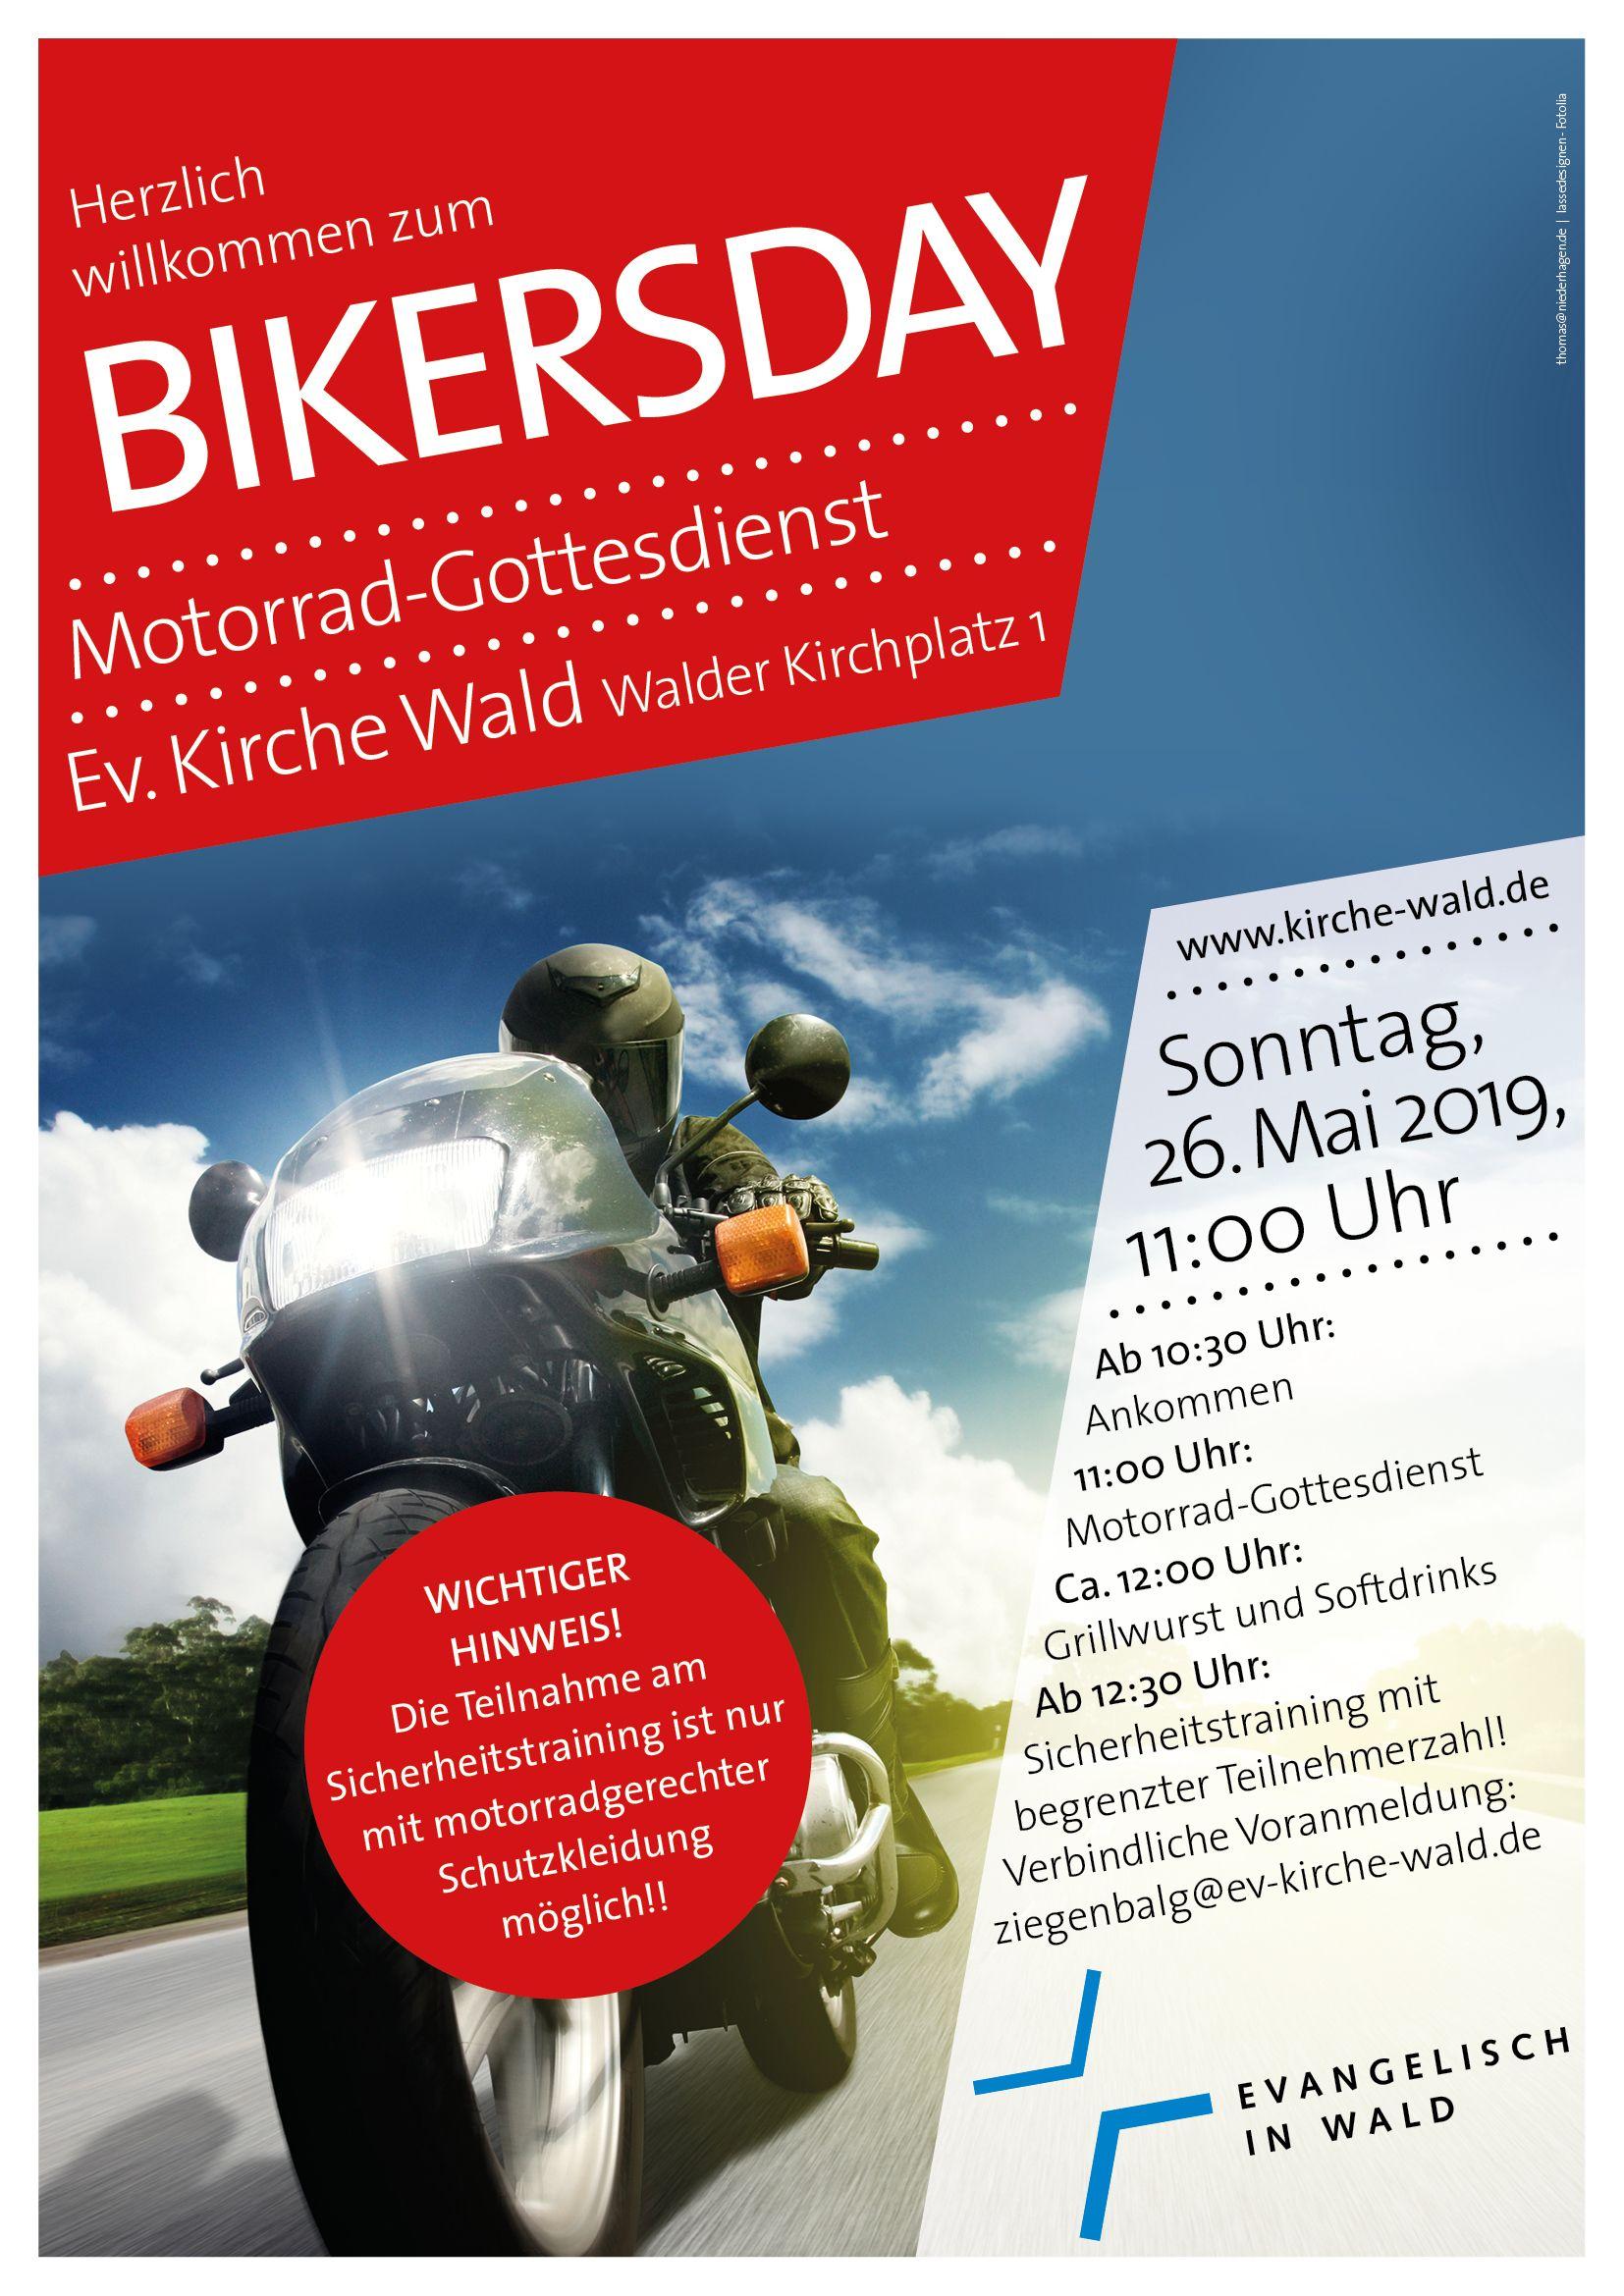 bikersday 2019